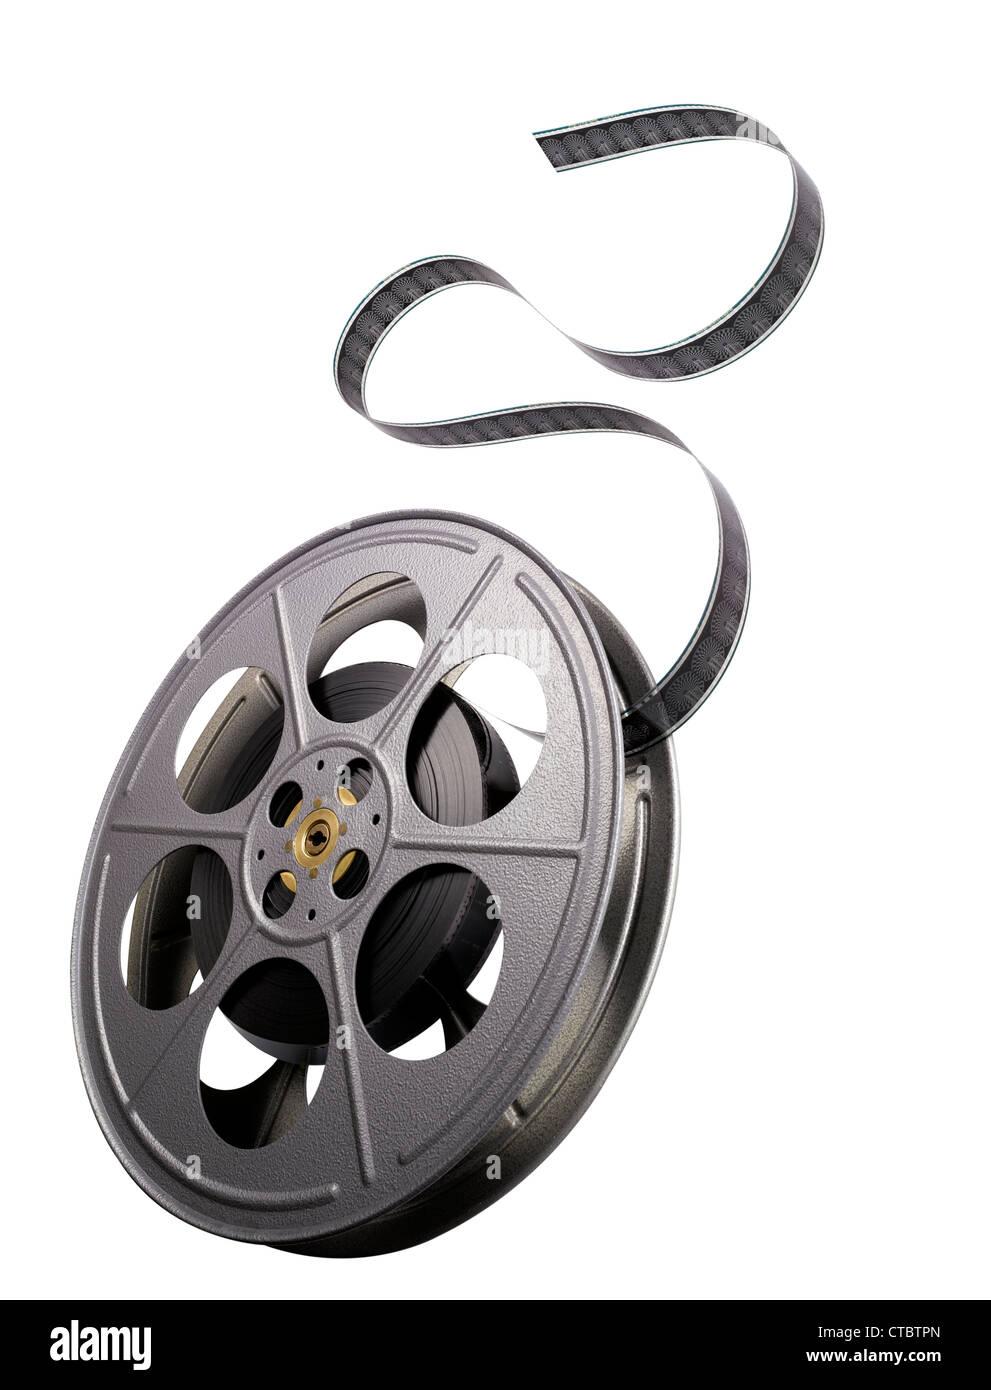 Einem herkömmlichen 35mm-Filmspule. Stockbild